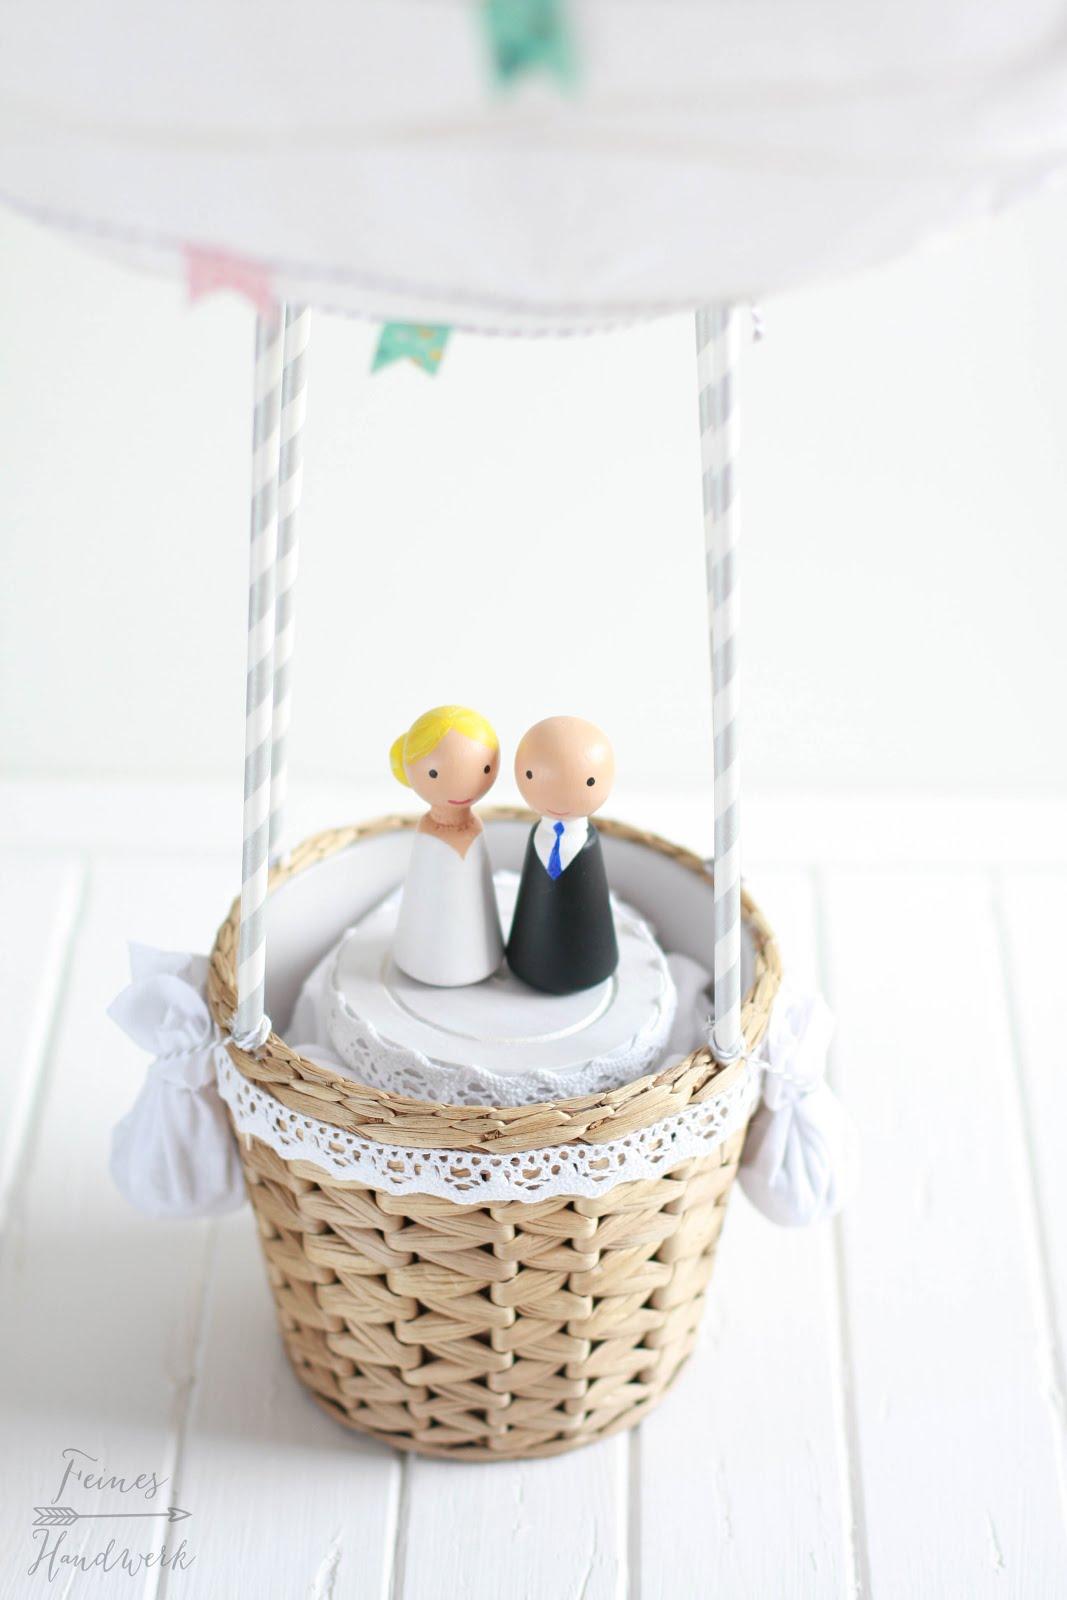 Feines Handwerk Heiluftballon als Hochzeitsgeschenk